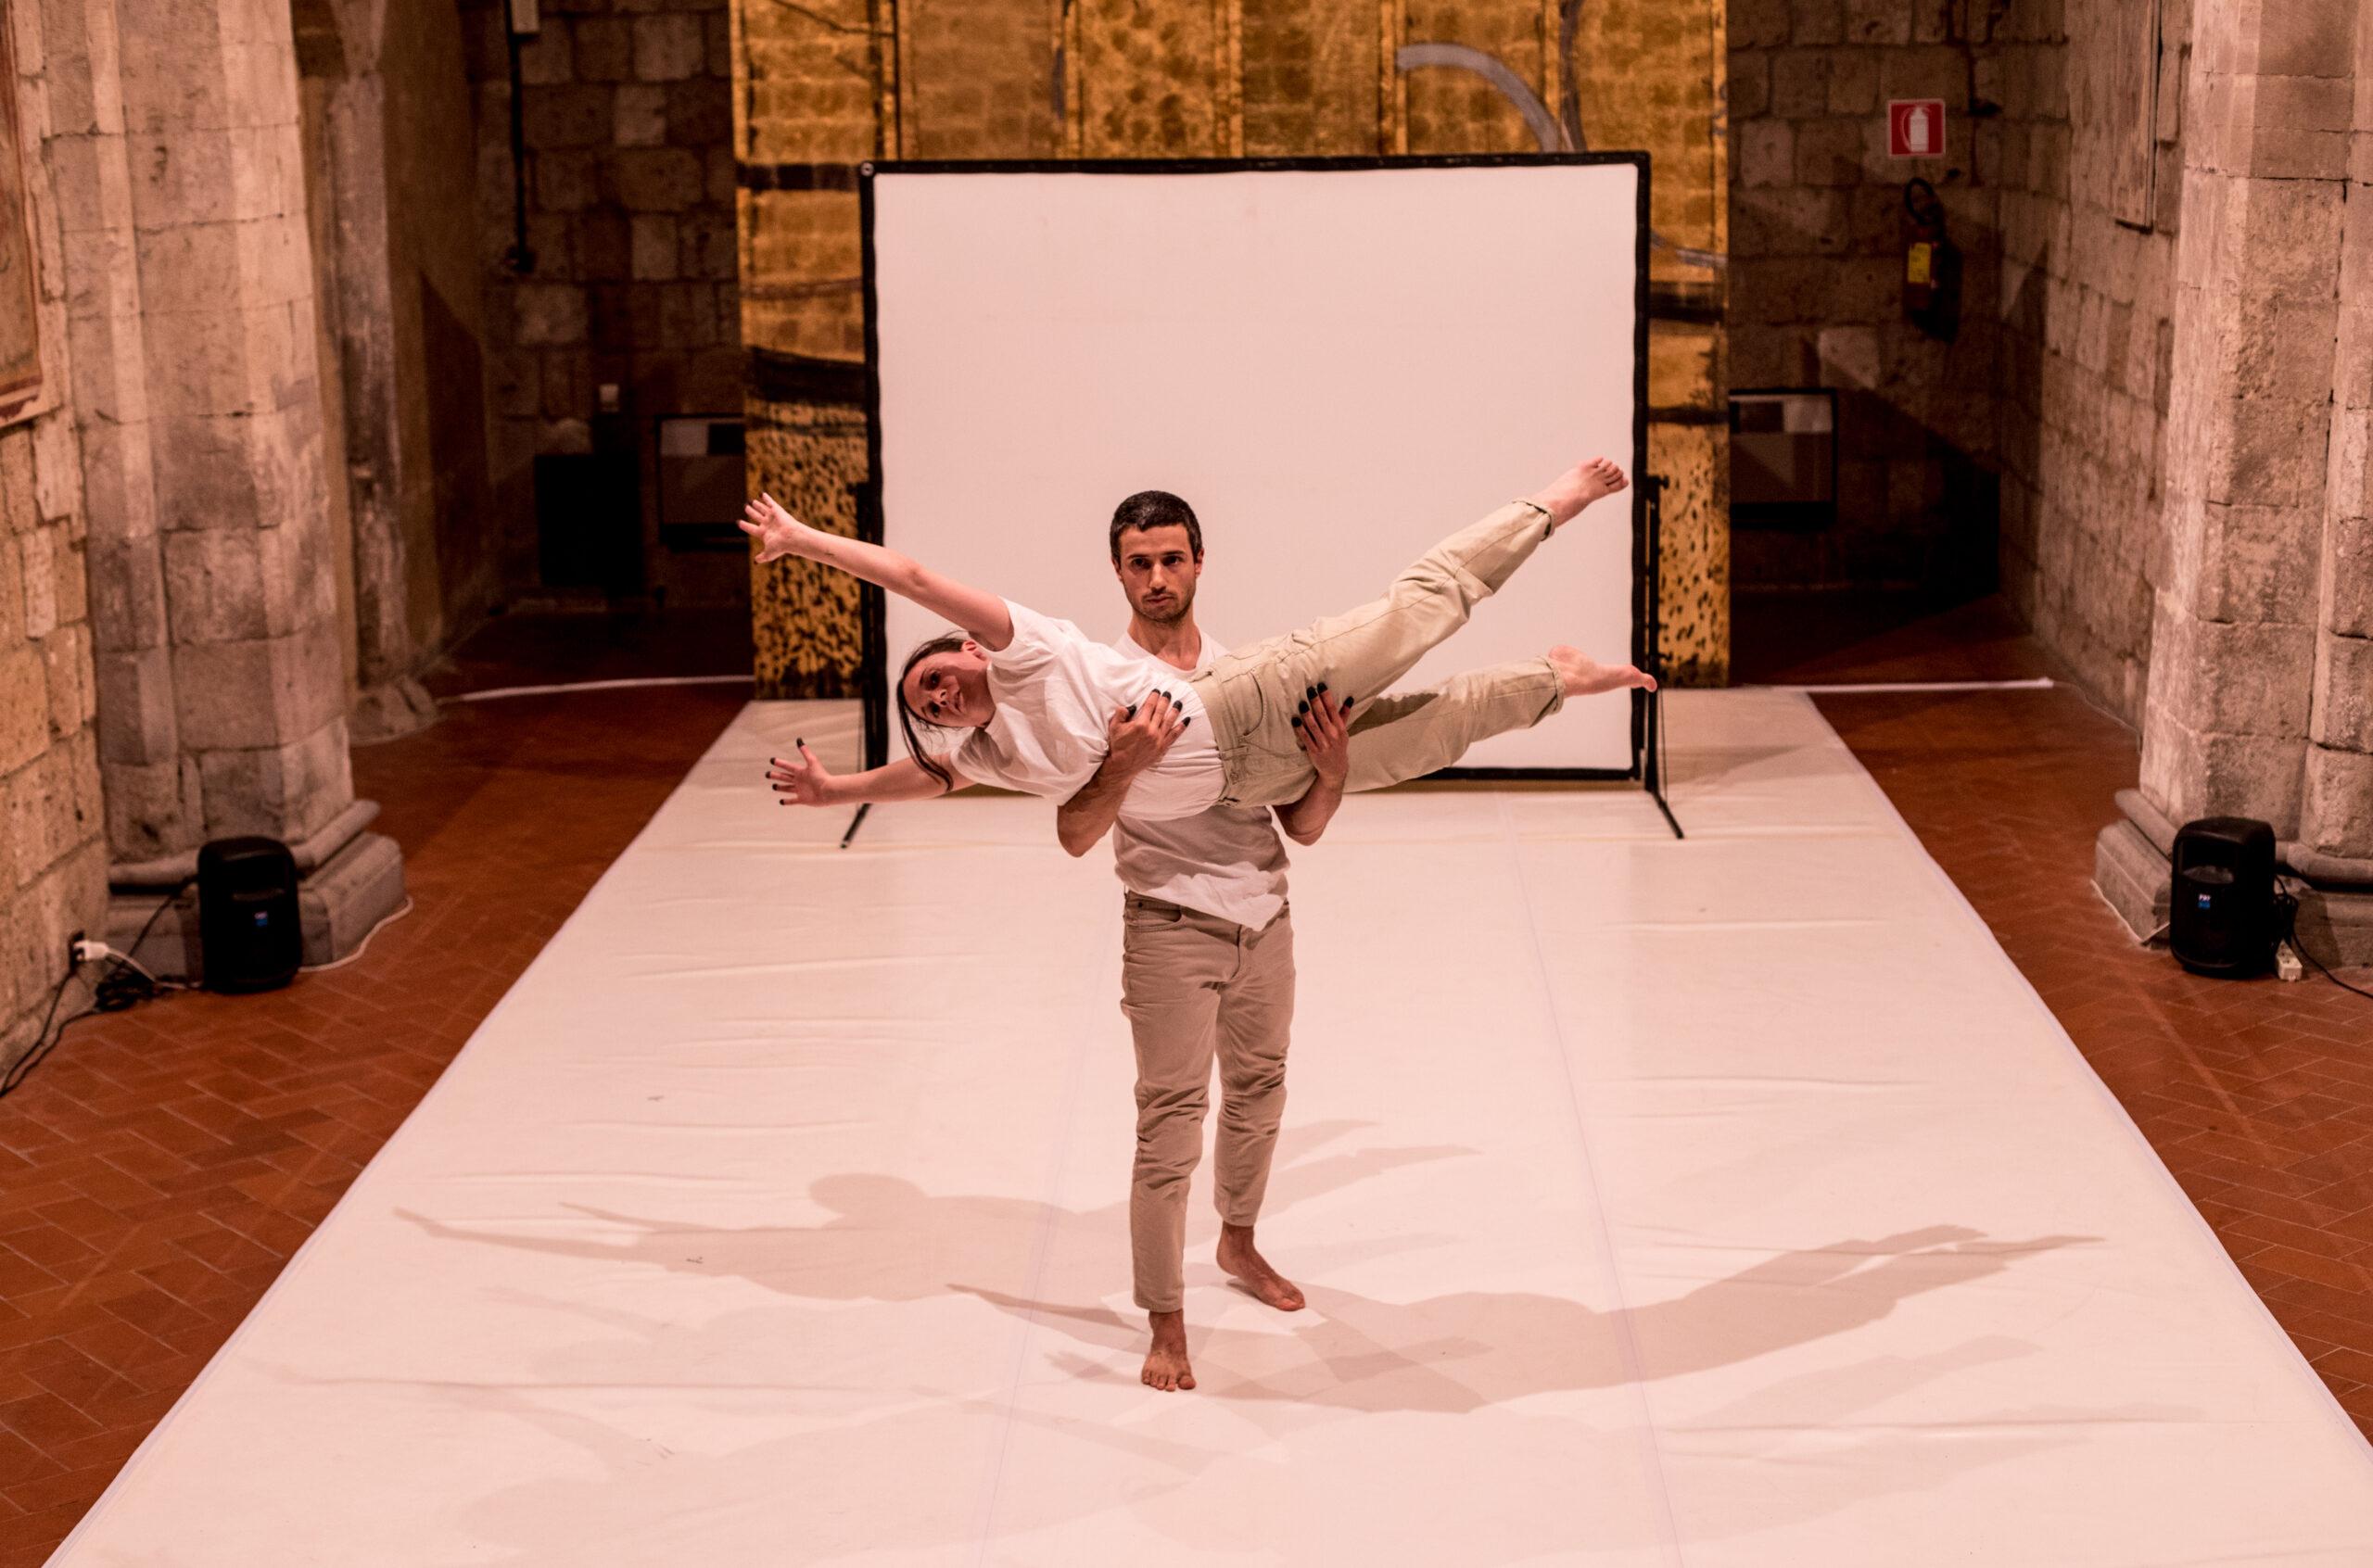 Chiara Taviani e Henrique Furtado P. Vieira - Stand Still You Ever-Moving Spheres of Heaven